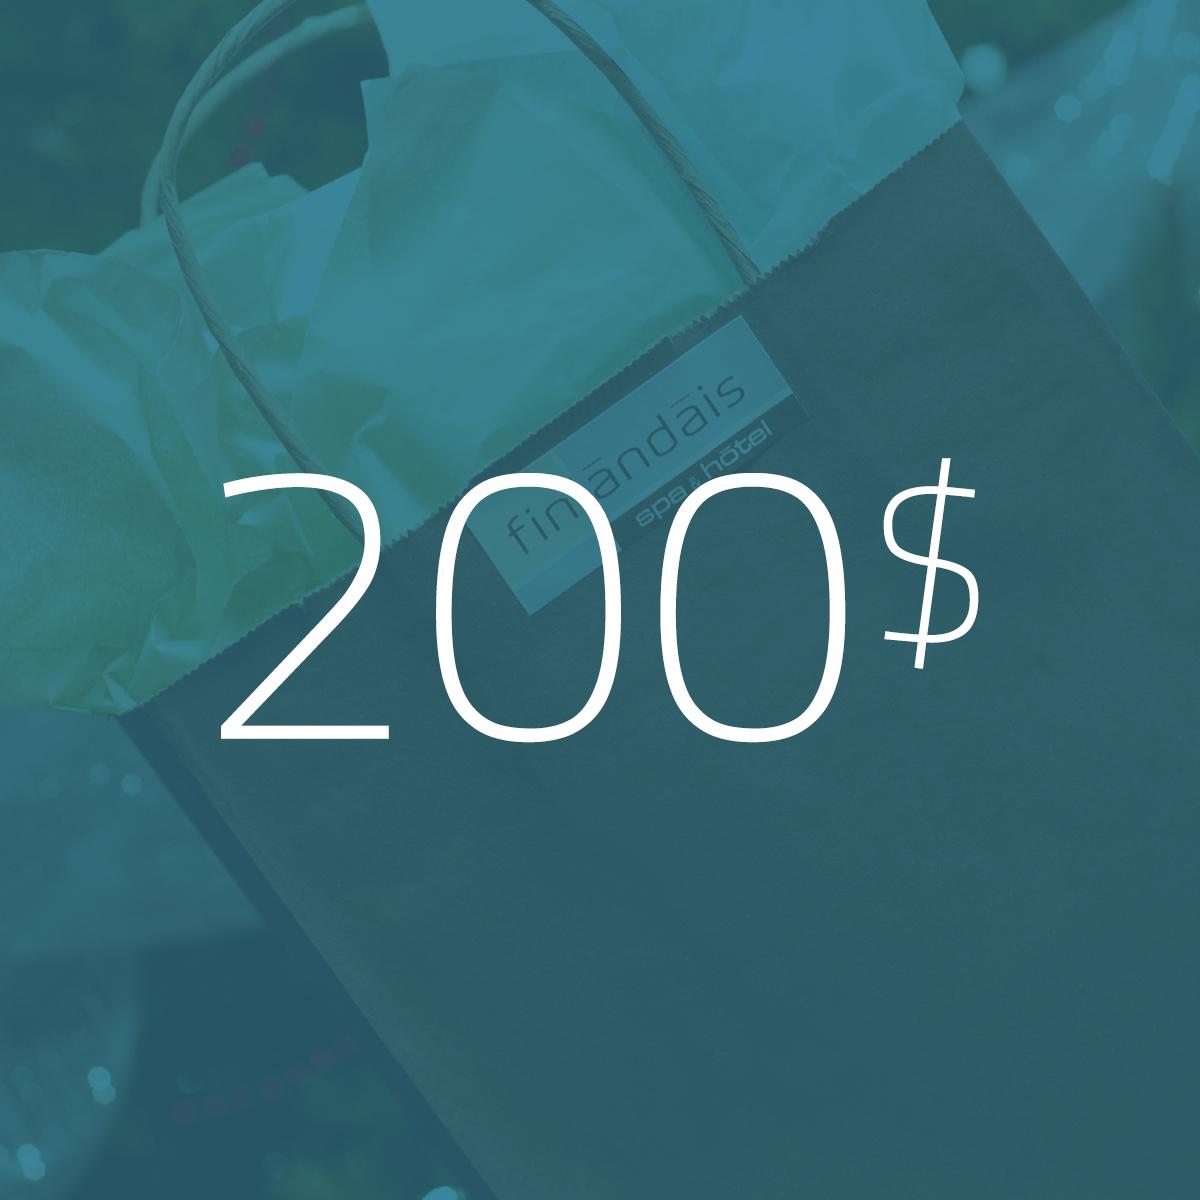 Les carte cadeau de 200$ du Finlandais